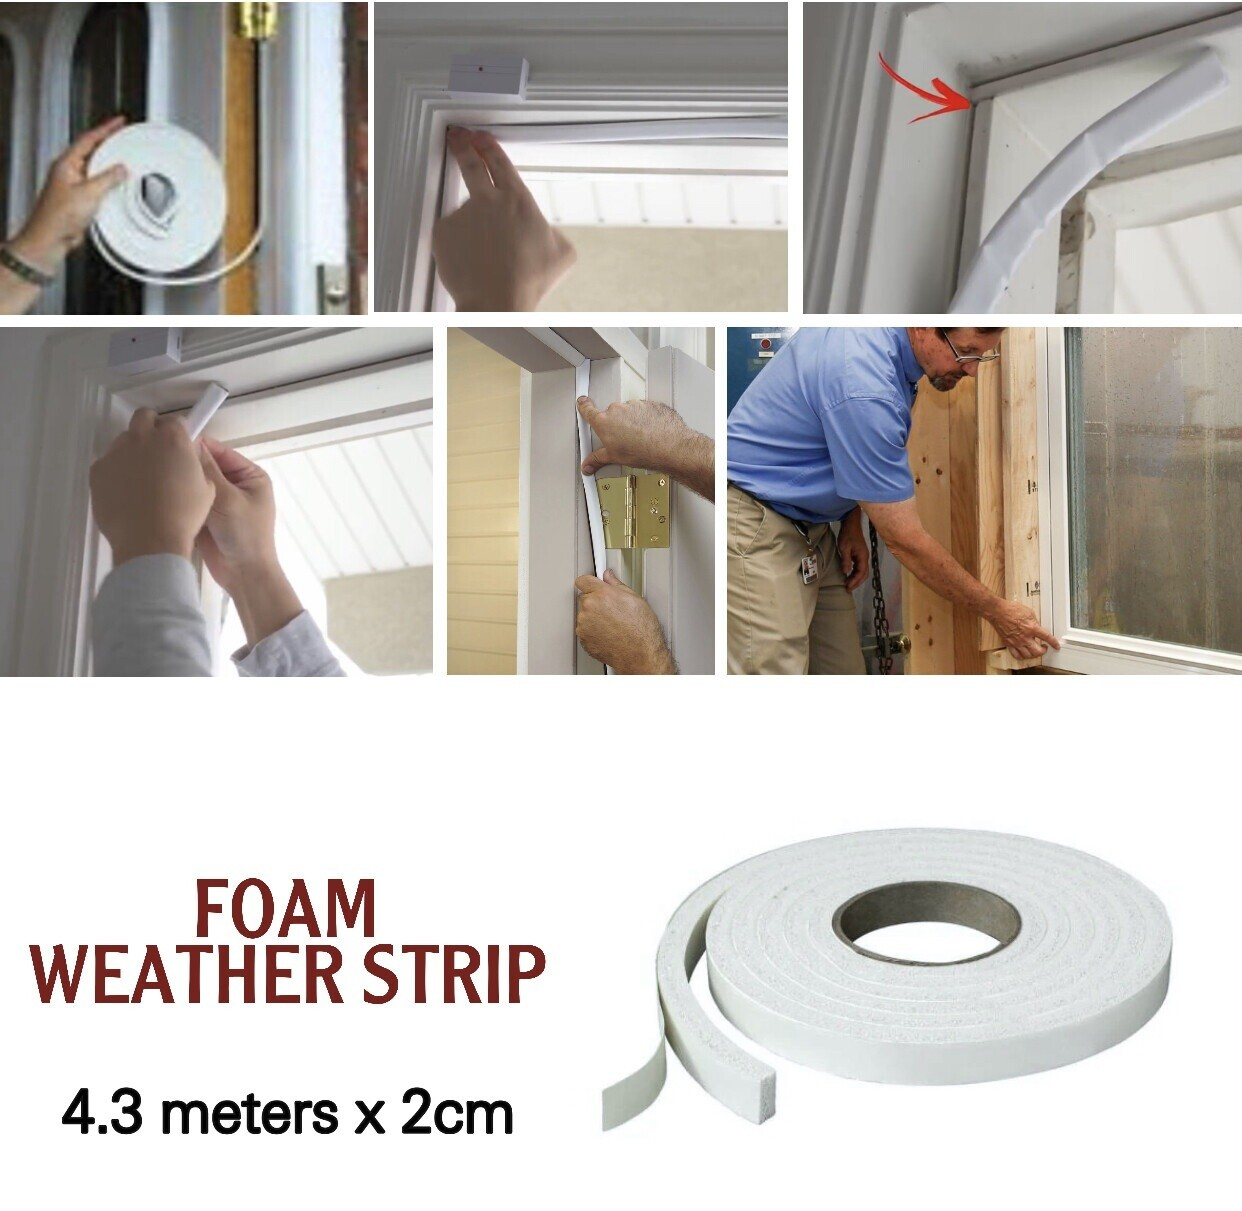 Foam Weather Strip